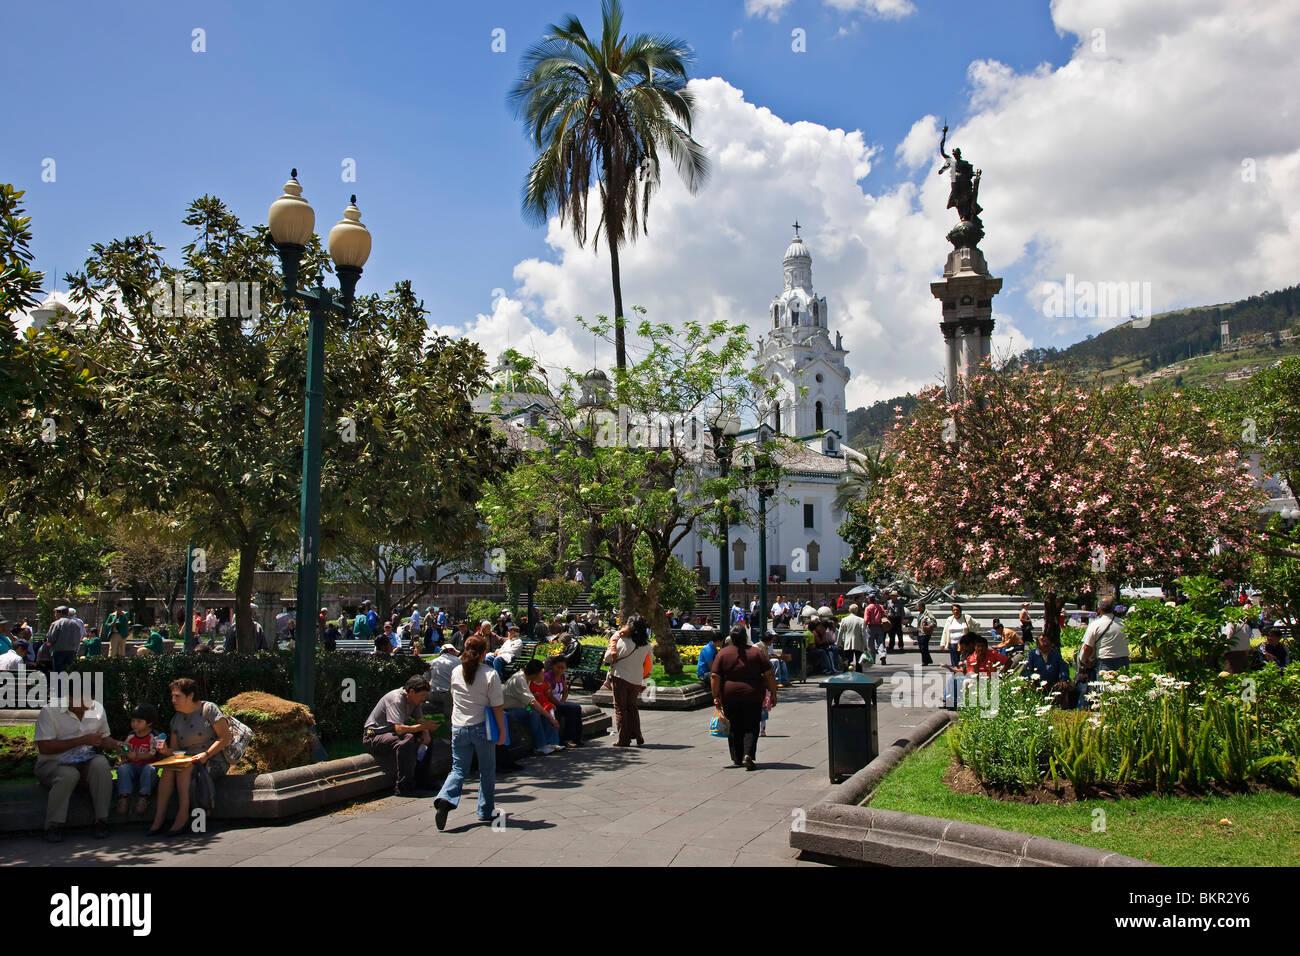 Ecuador, Independence Square nella Città Vecchia di Quito. Immagini Stock